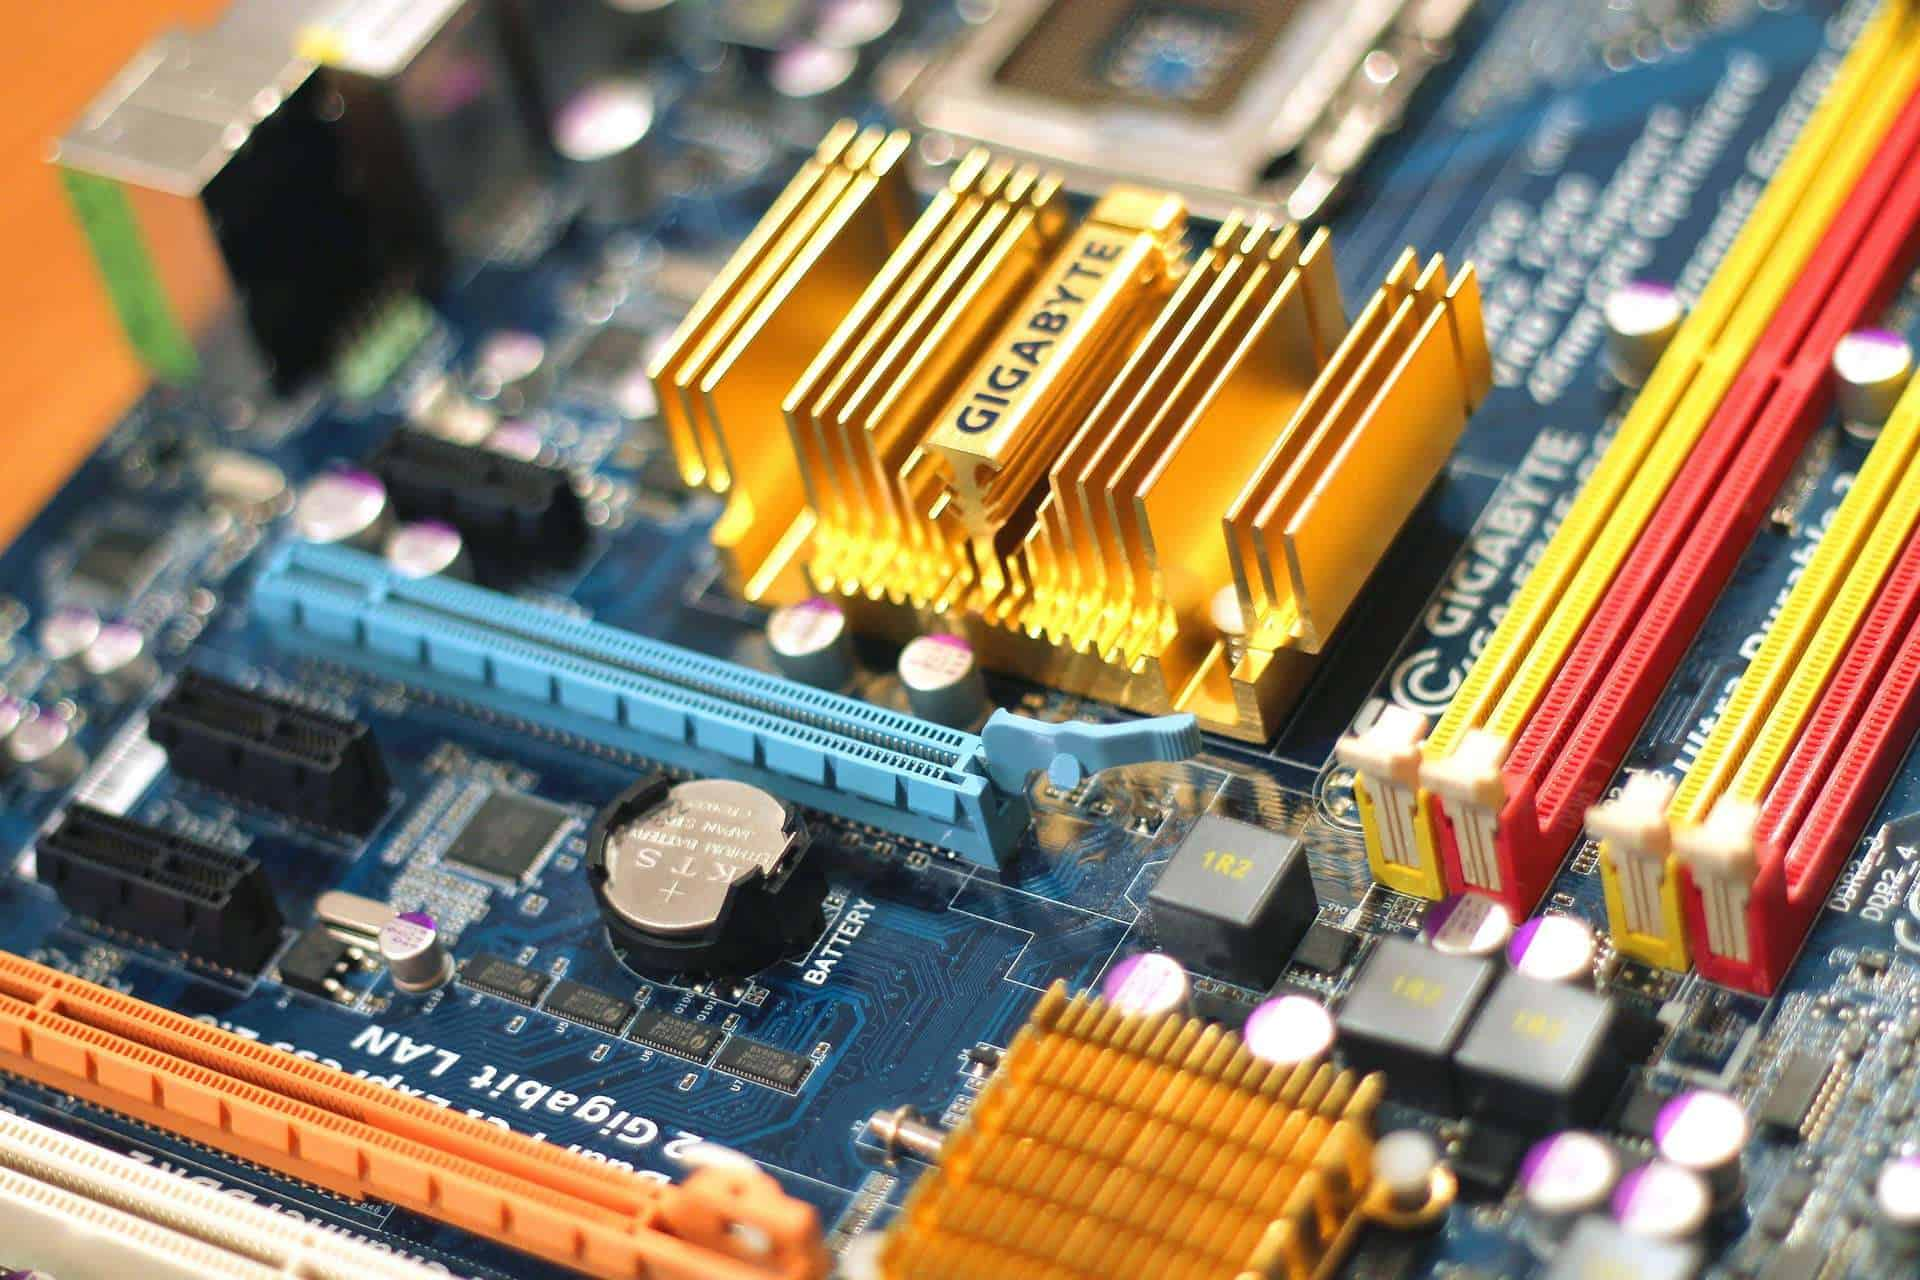 intel vpro motherboard